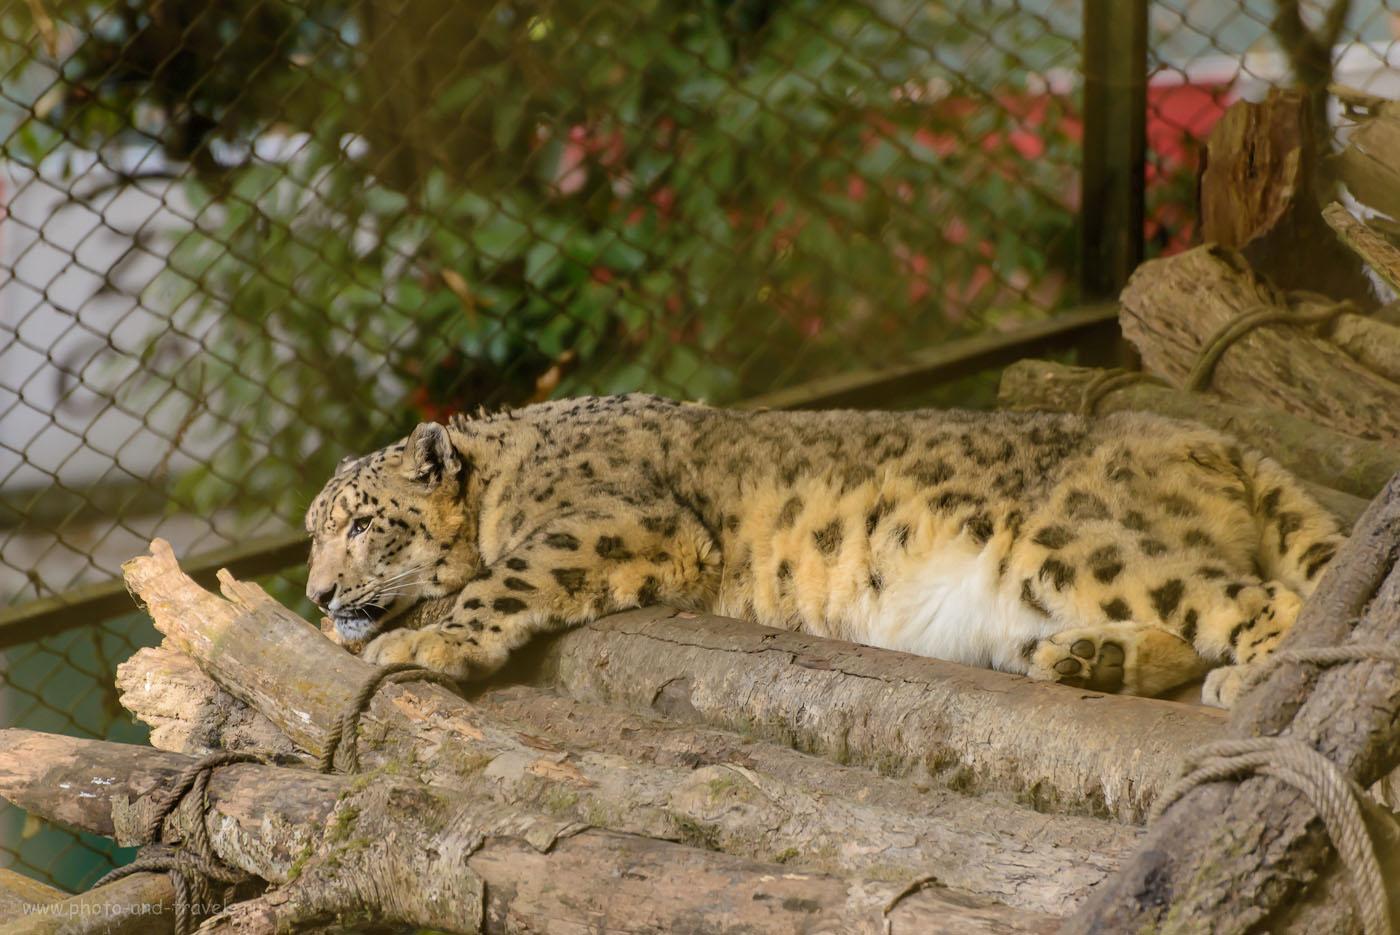 Фотография 11. Снежный барс в зоопарке Дарджилинга. Отчет о поездке в Индию самостоятельно. Сетки на переднем плане не видно – доказательство, что царапины на передней линзе объектива не особо влияют на качество картинки. 1/250, -0.67, 5.6, 800, 300.